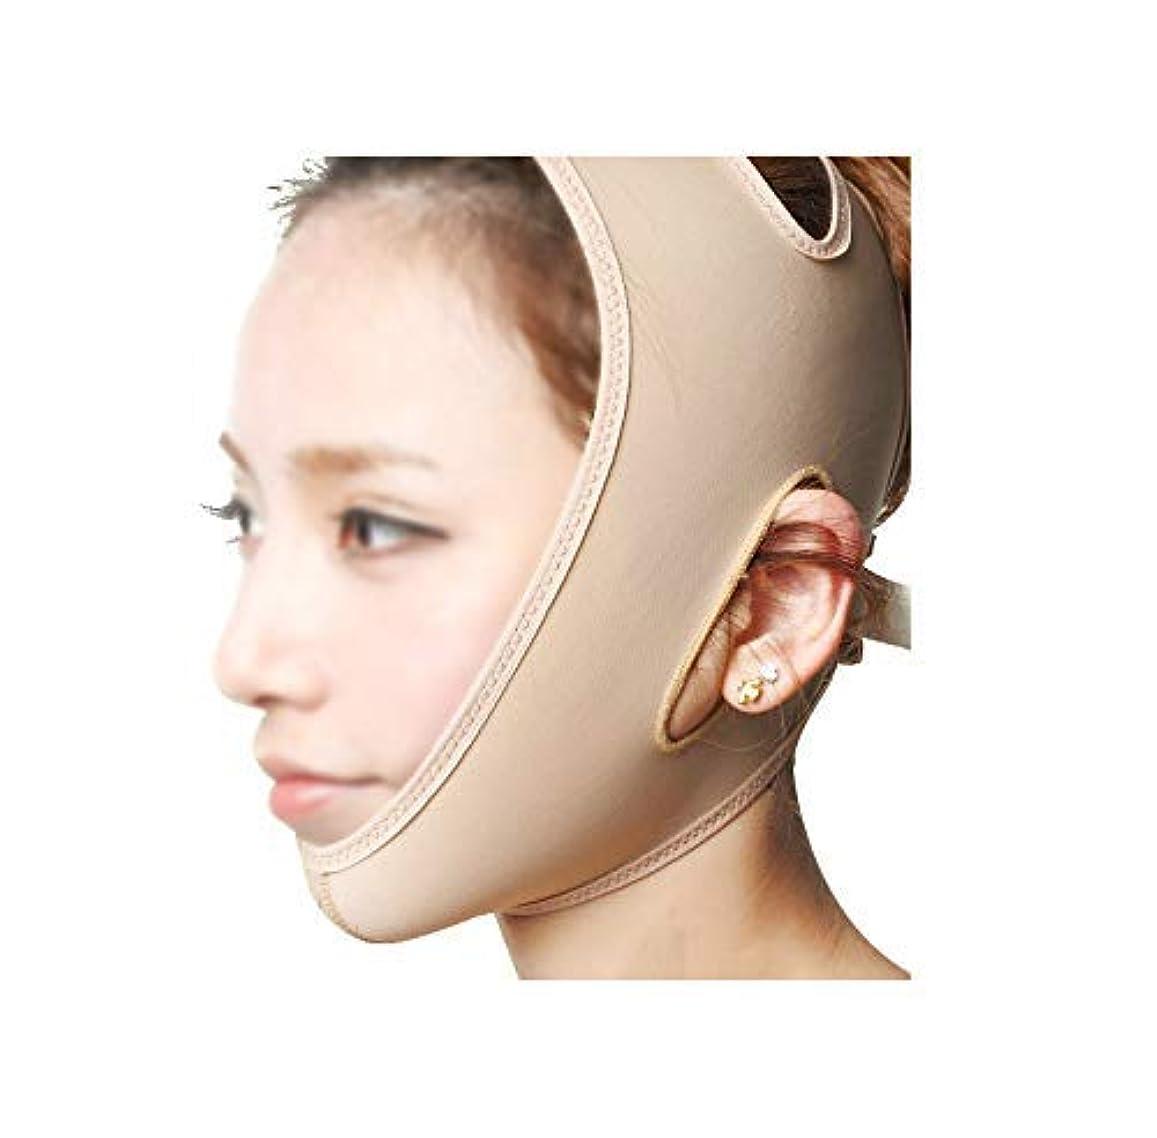 疫病有力者外出フェイスリフティングバンデージ、フェイスマスク3Dパネルデザイン、通気性に優れたライクラ素材の物理的なVフェイス、美しい顔の輪郭の作成(サイズ:S),Xl